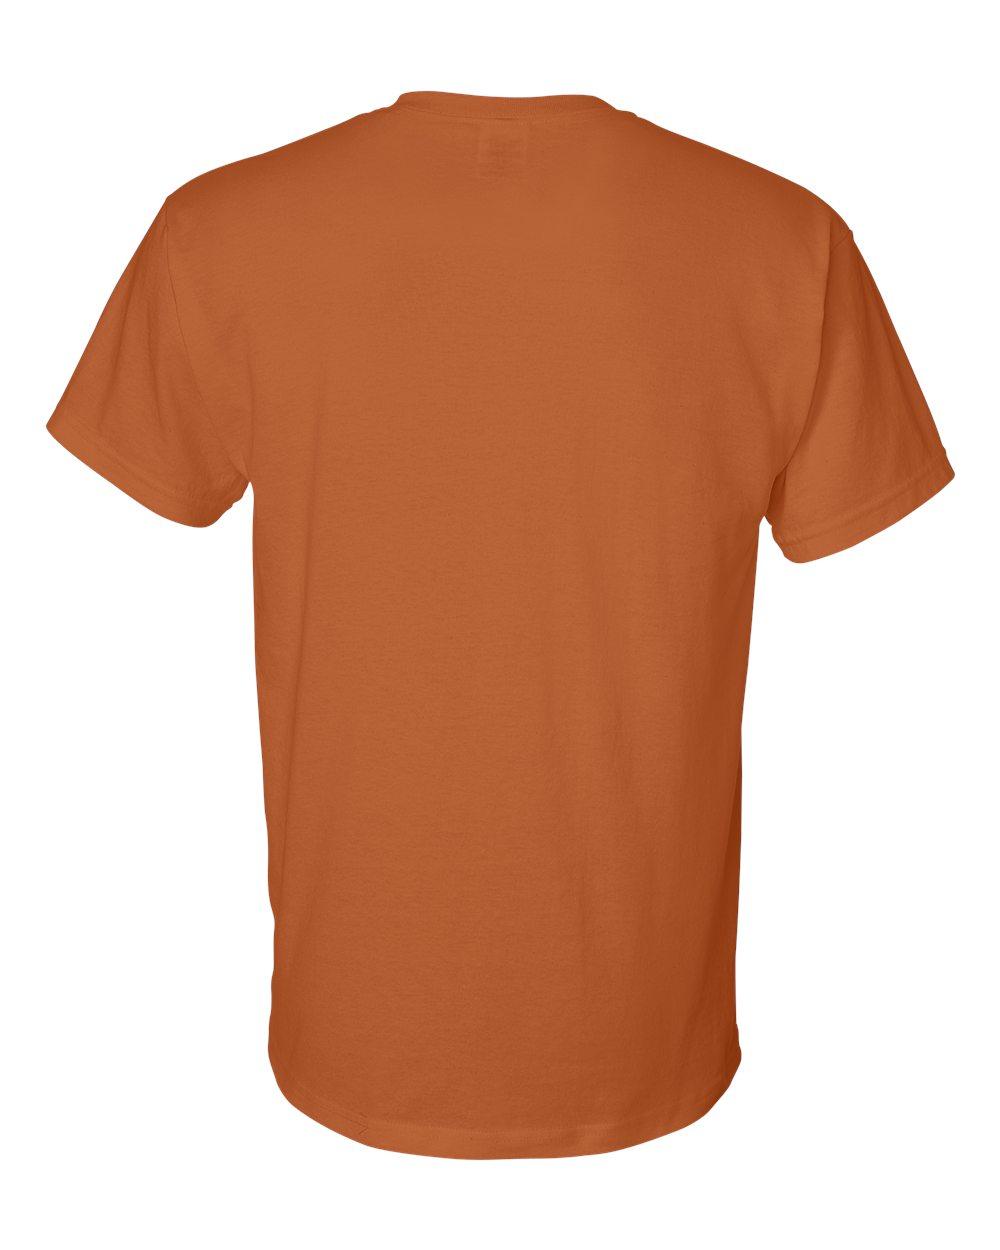 Gildan-Mens-DryBlend-5-6-oz-50-50-T-Shirt-G800-Size-S-5XL thumbnail 90